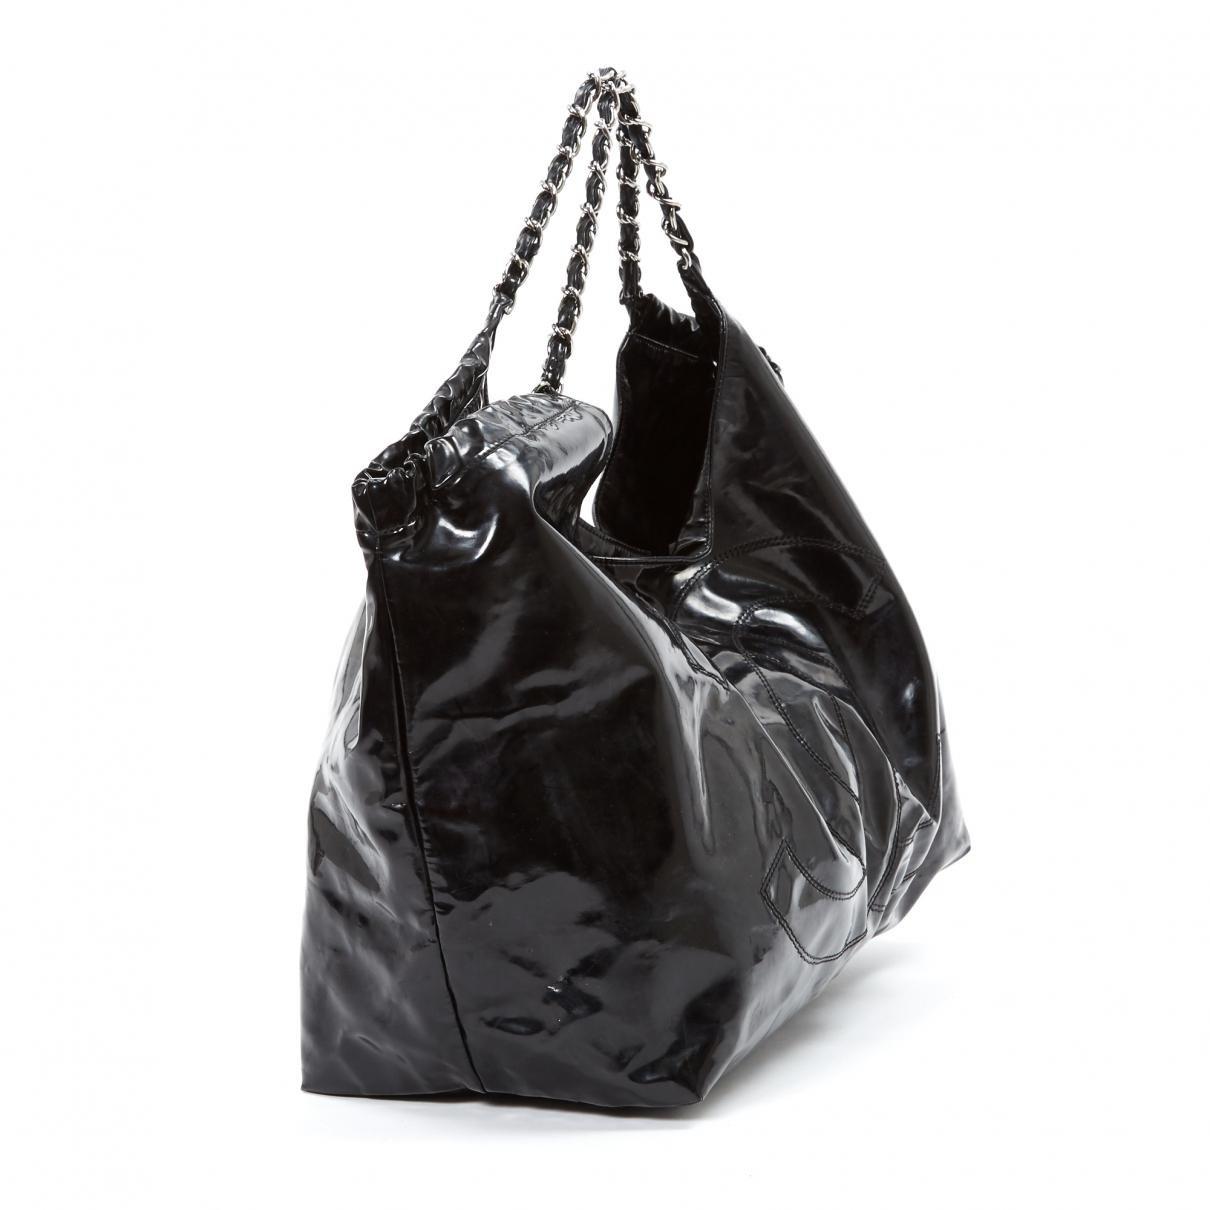 294957d7af Sac à main Coco Cabas en cuir verni Chanel en coloris Noir - Lyst